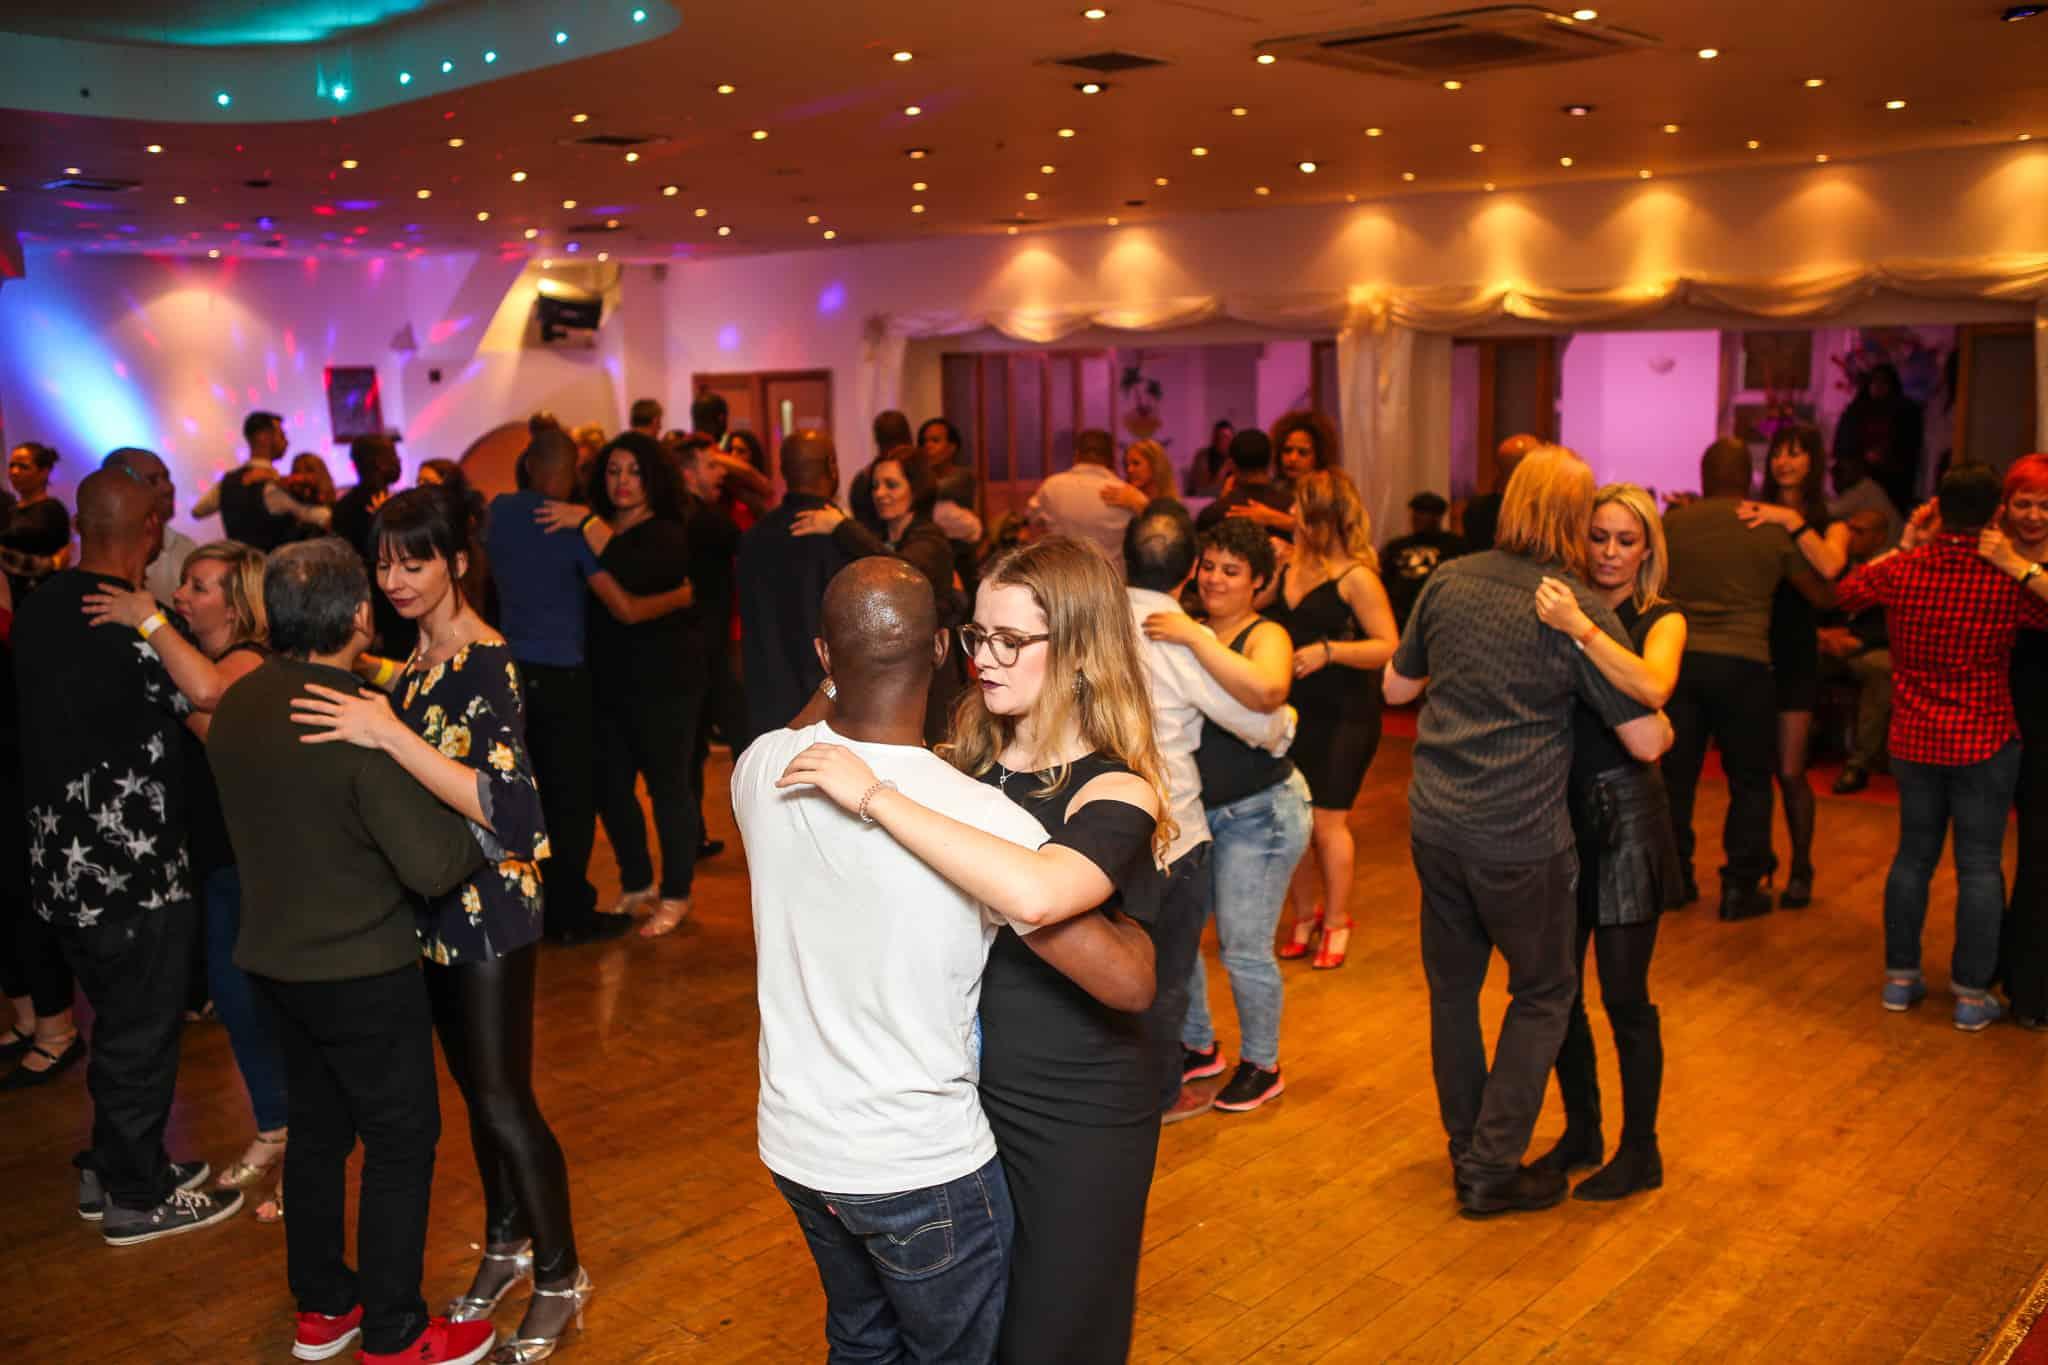 Social dancing at dance school in South London